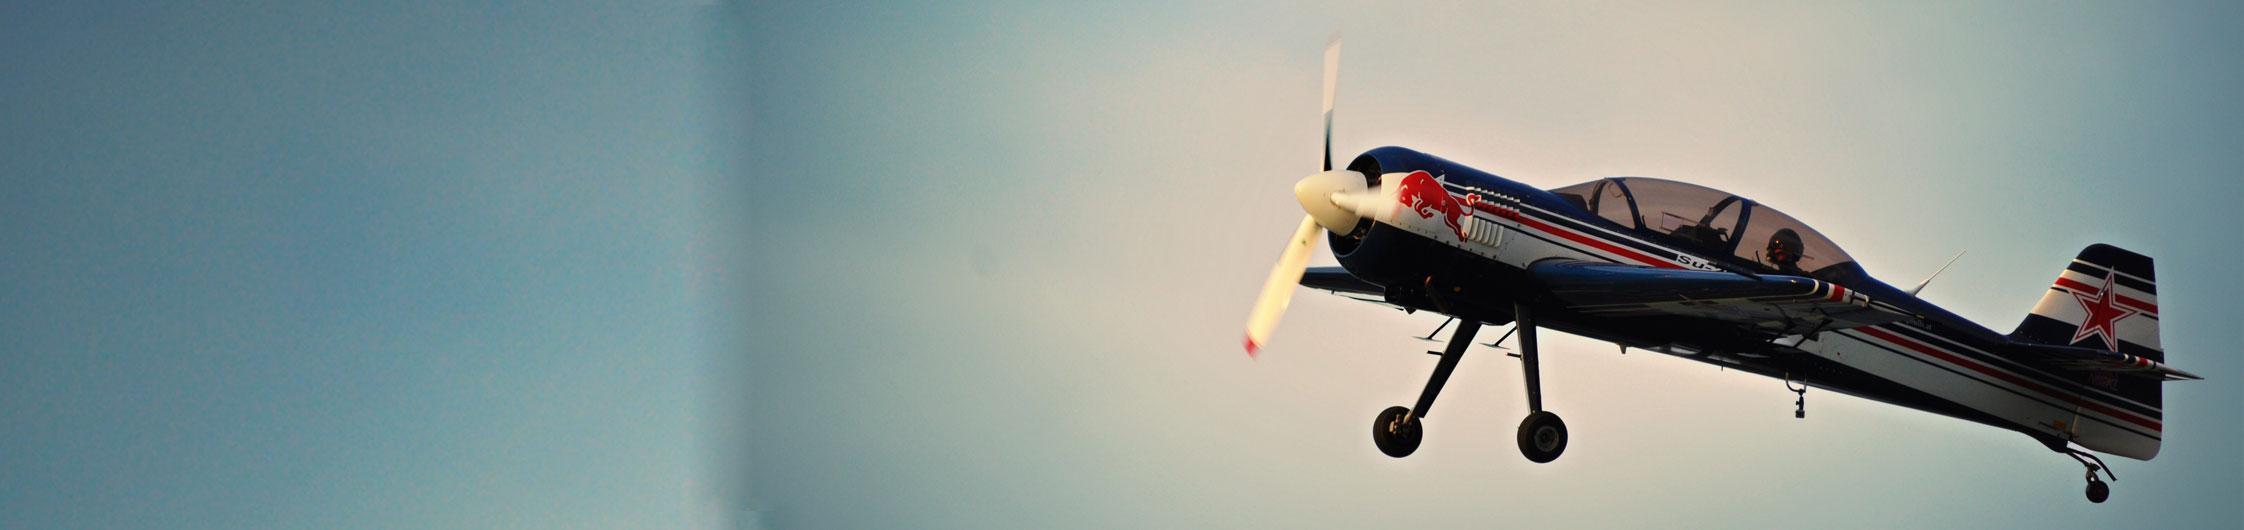 Pilot Me